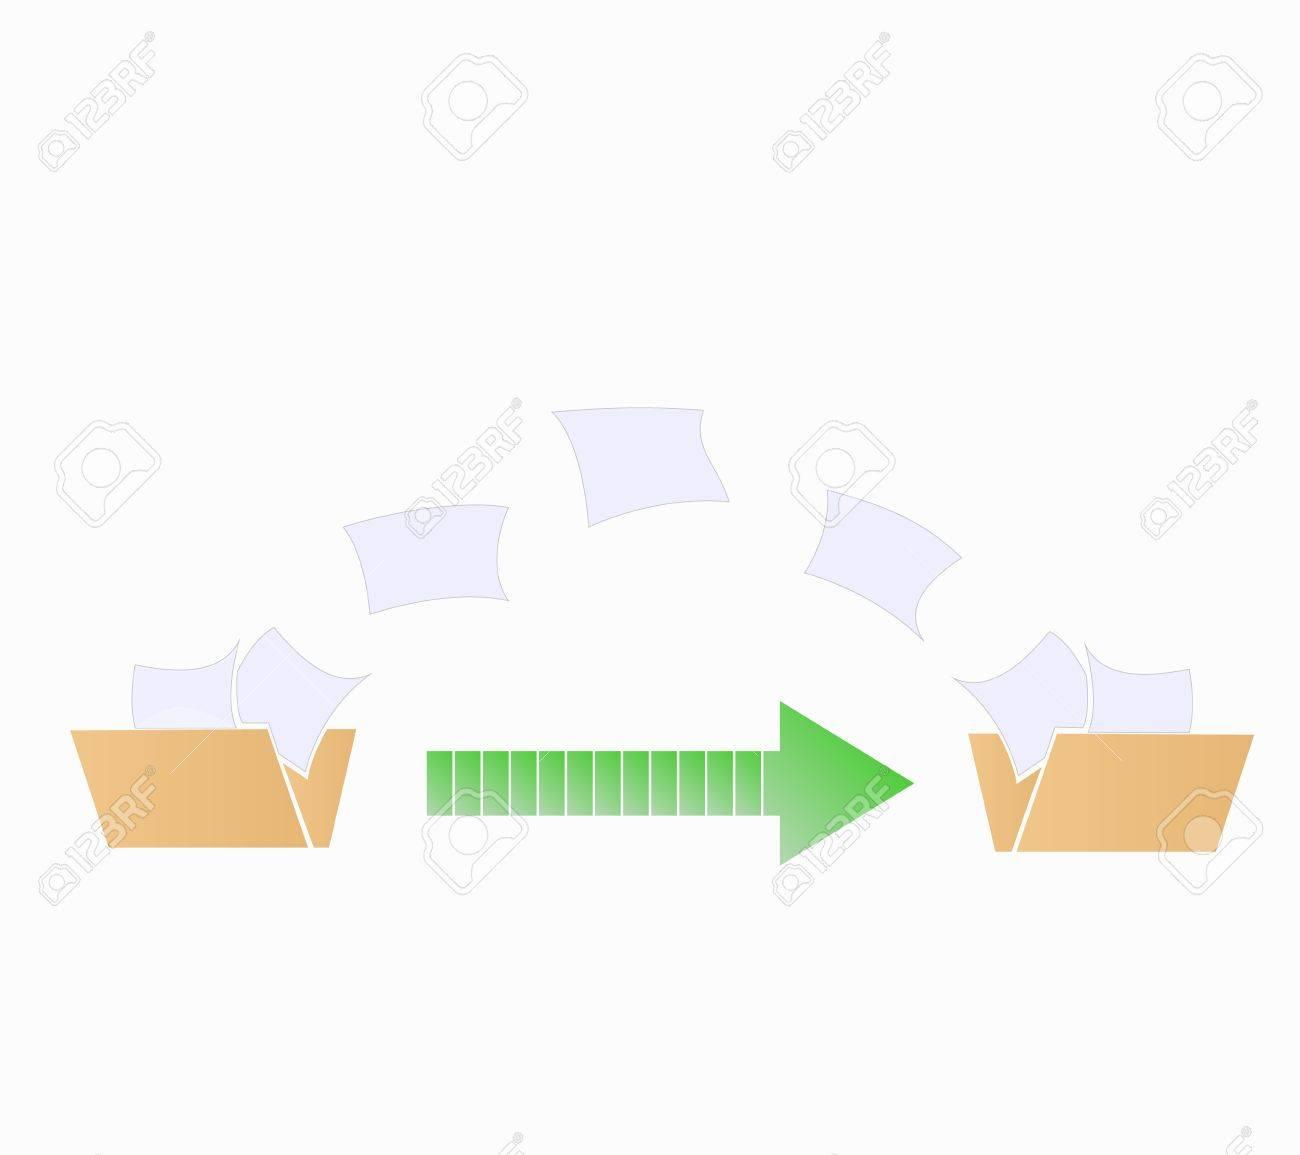 file transfer data graphic Stock Vector - 18381422